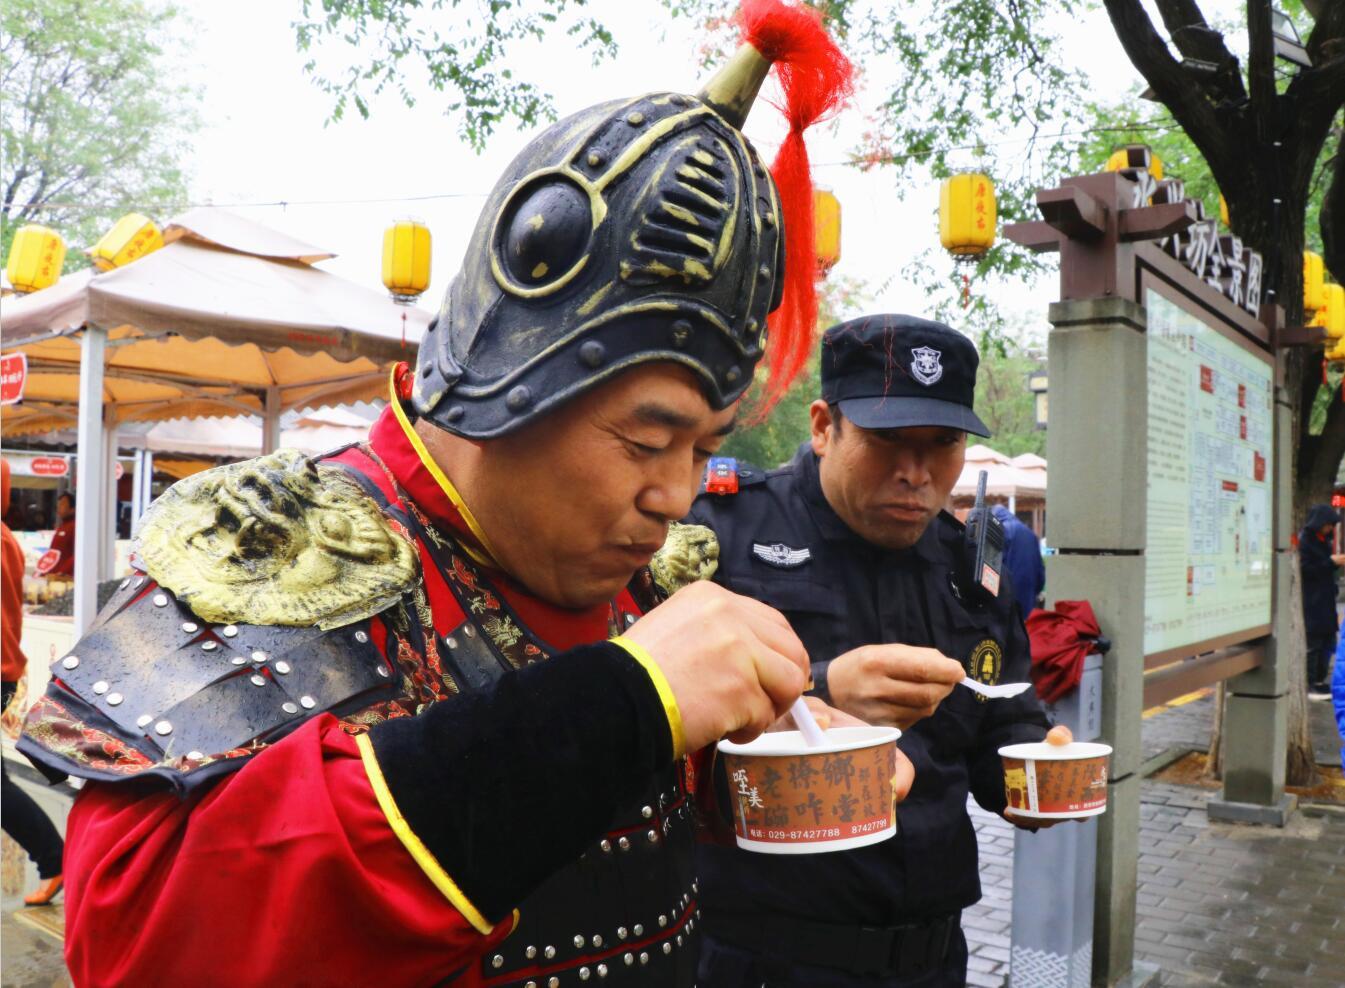 立冬日 永兴坊品味匠心非遗 传承民俗文化